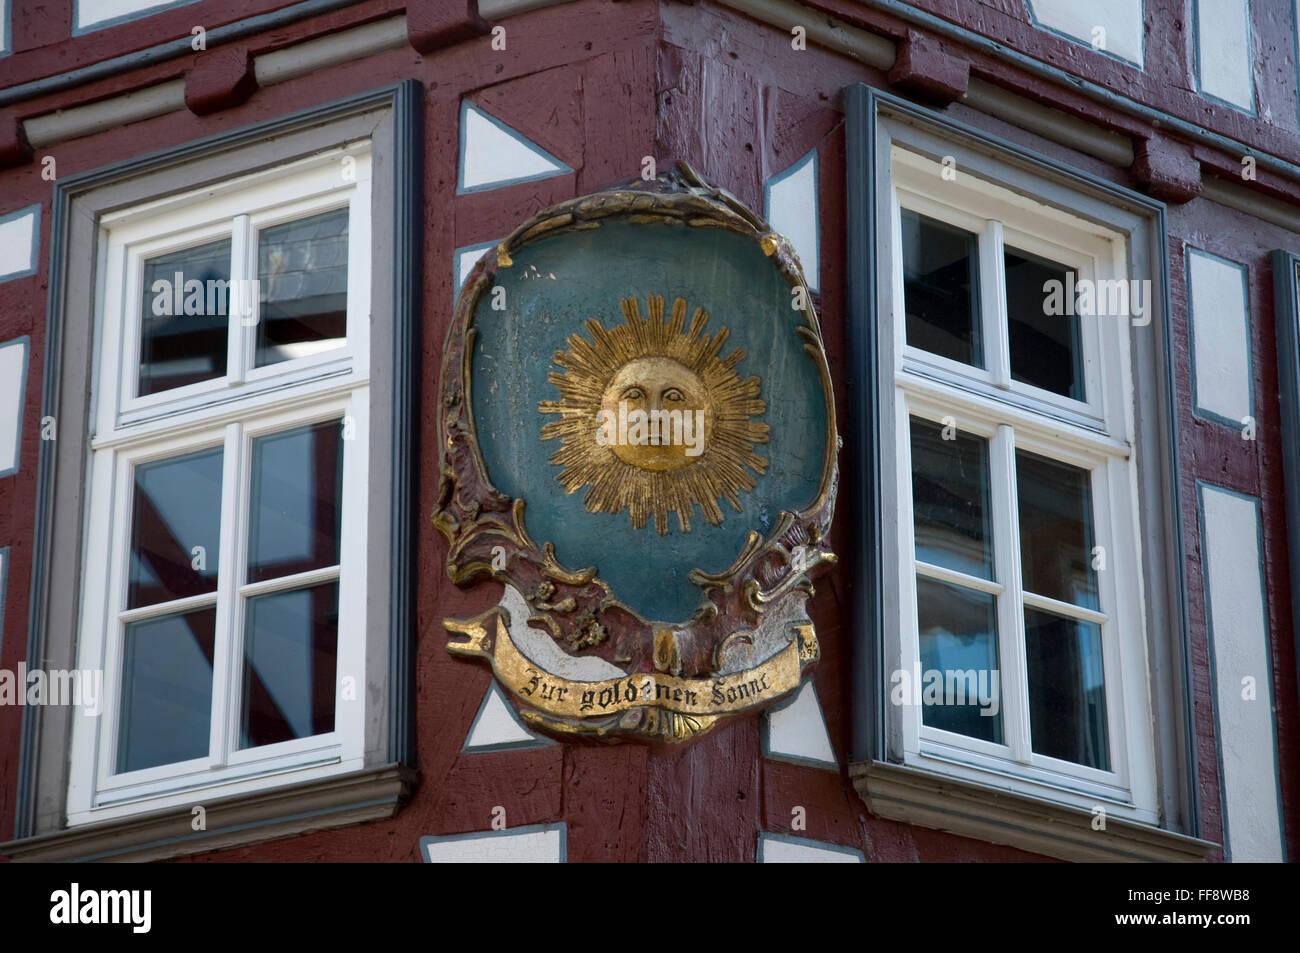 alter Gasthaus Zeichen Zur goldenen Sonne, Altstadt, Wetzlar, Hessen, Deutschland   old pub sign, Golden Sun, old - Stock Image